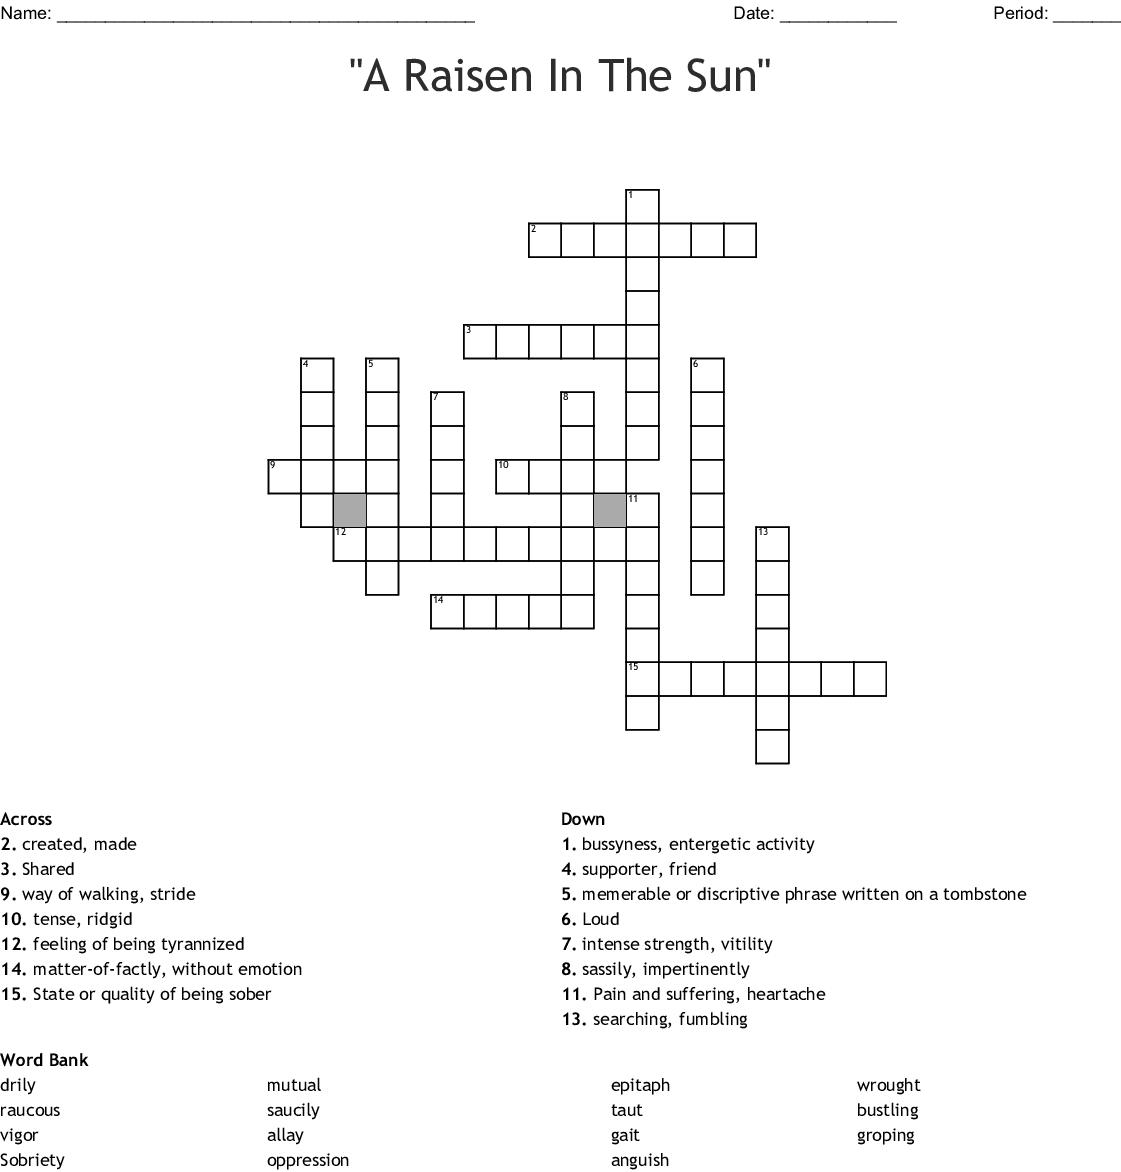 A Raisin In The Sun Vocabulary Crossword